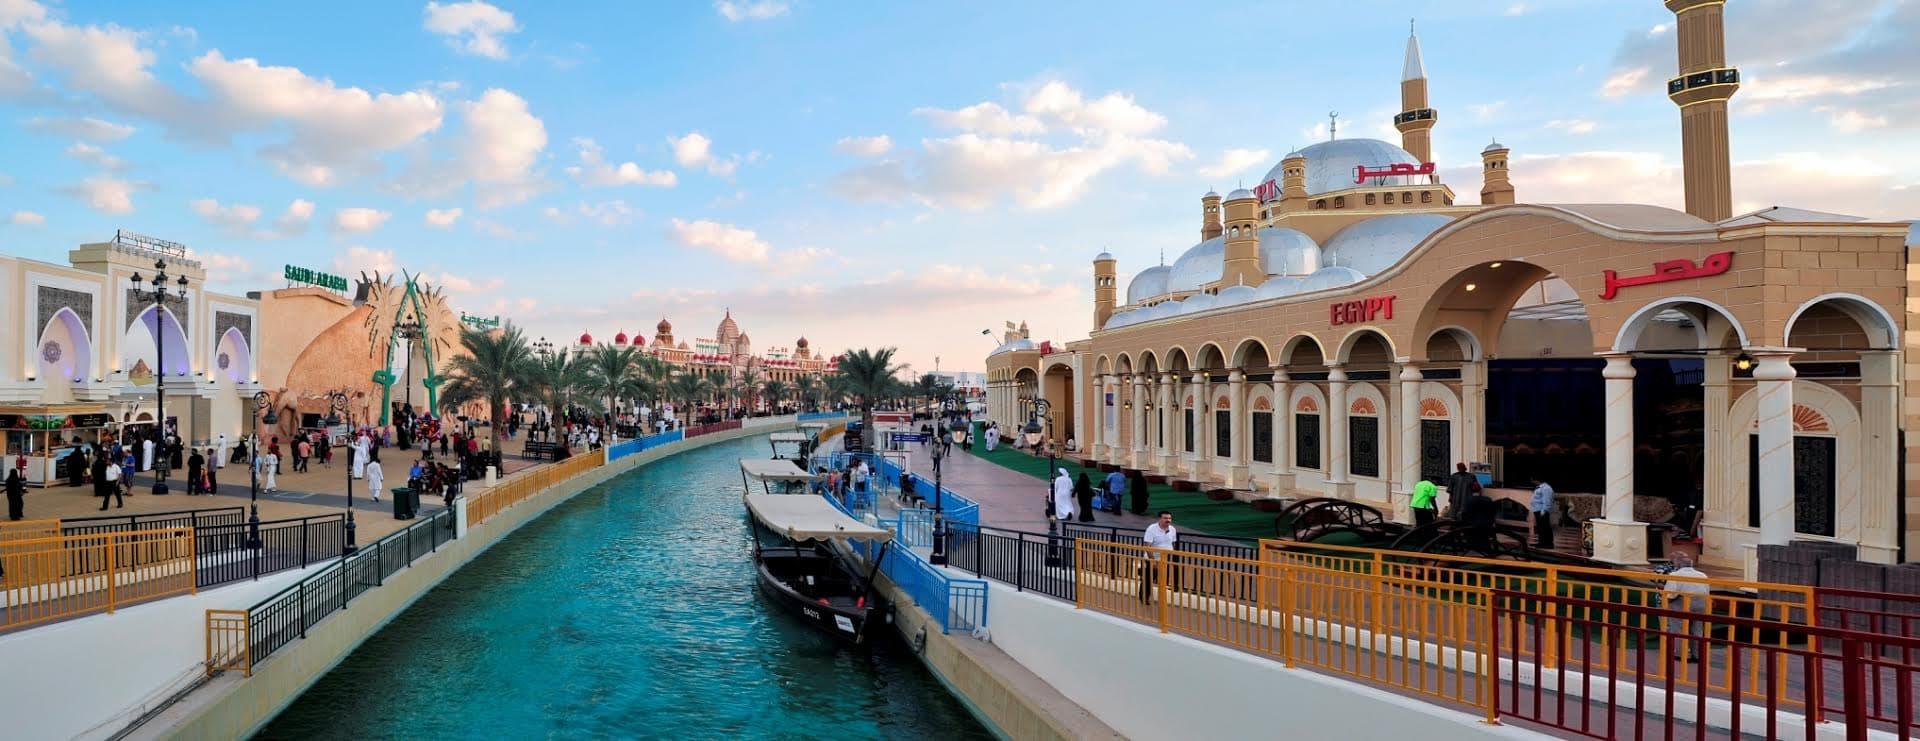 تقرين عن افضل وأهم 10 مولات فى دبي